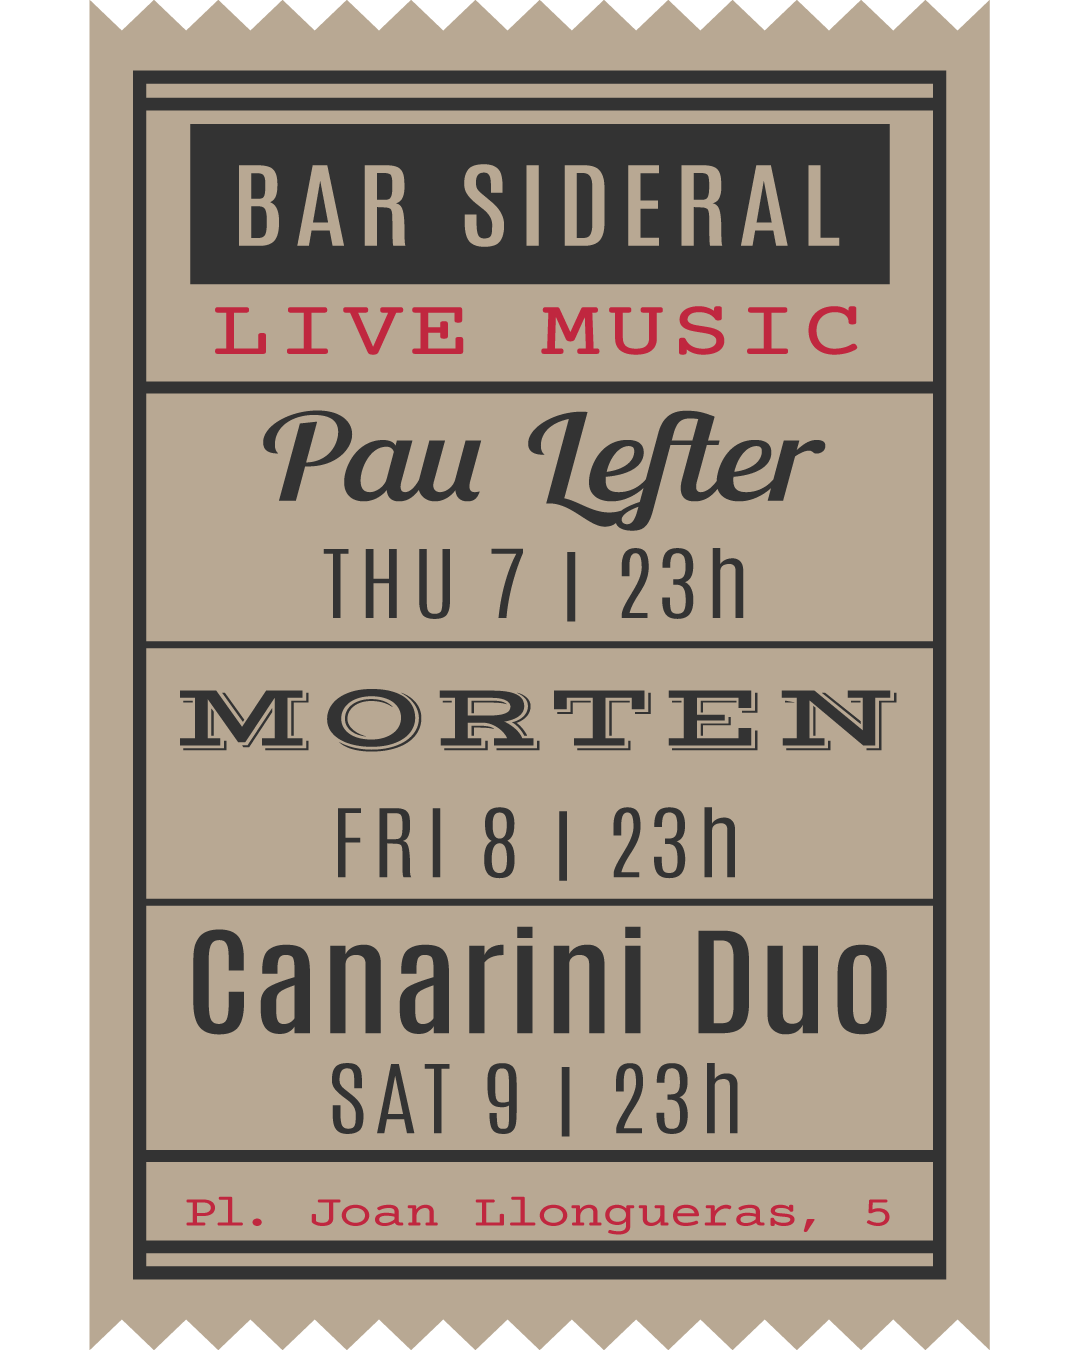 Bar Sideral (conciertos)